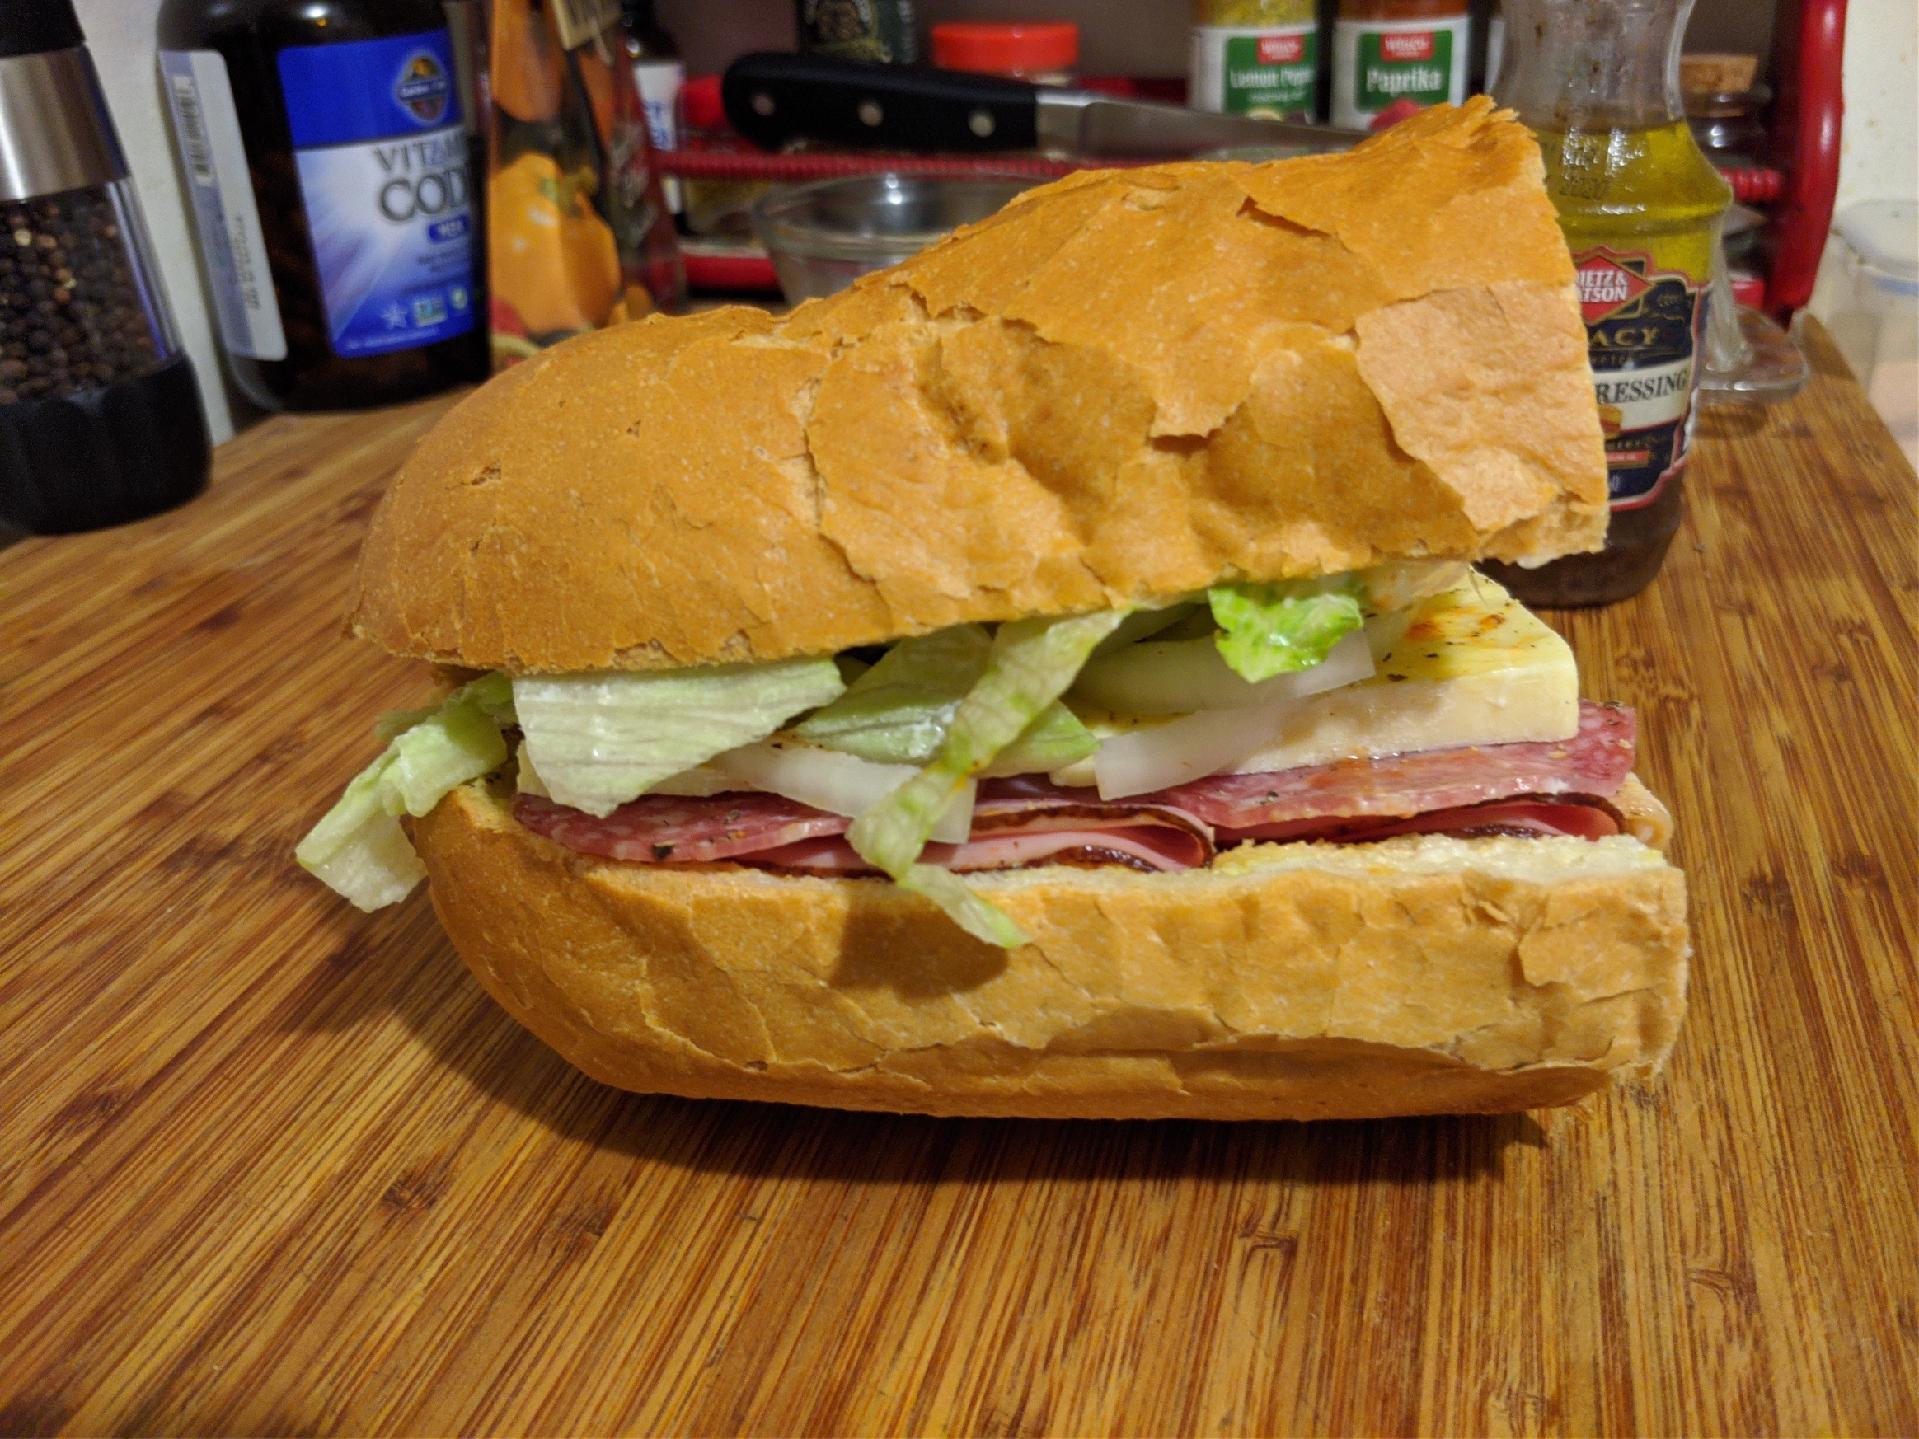 Manwiches-6oi32dt-jpg